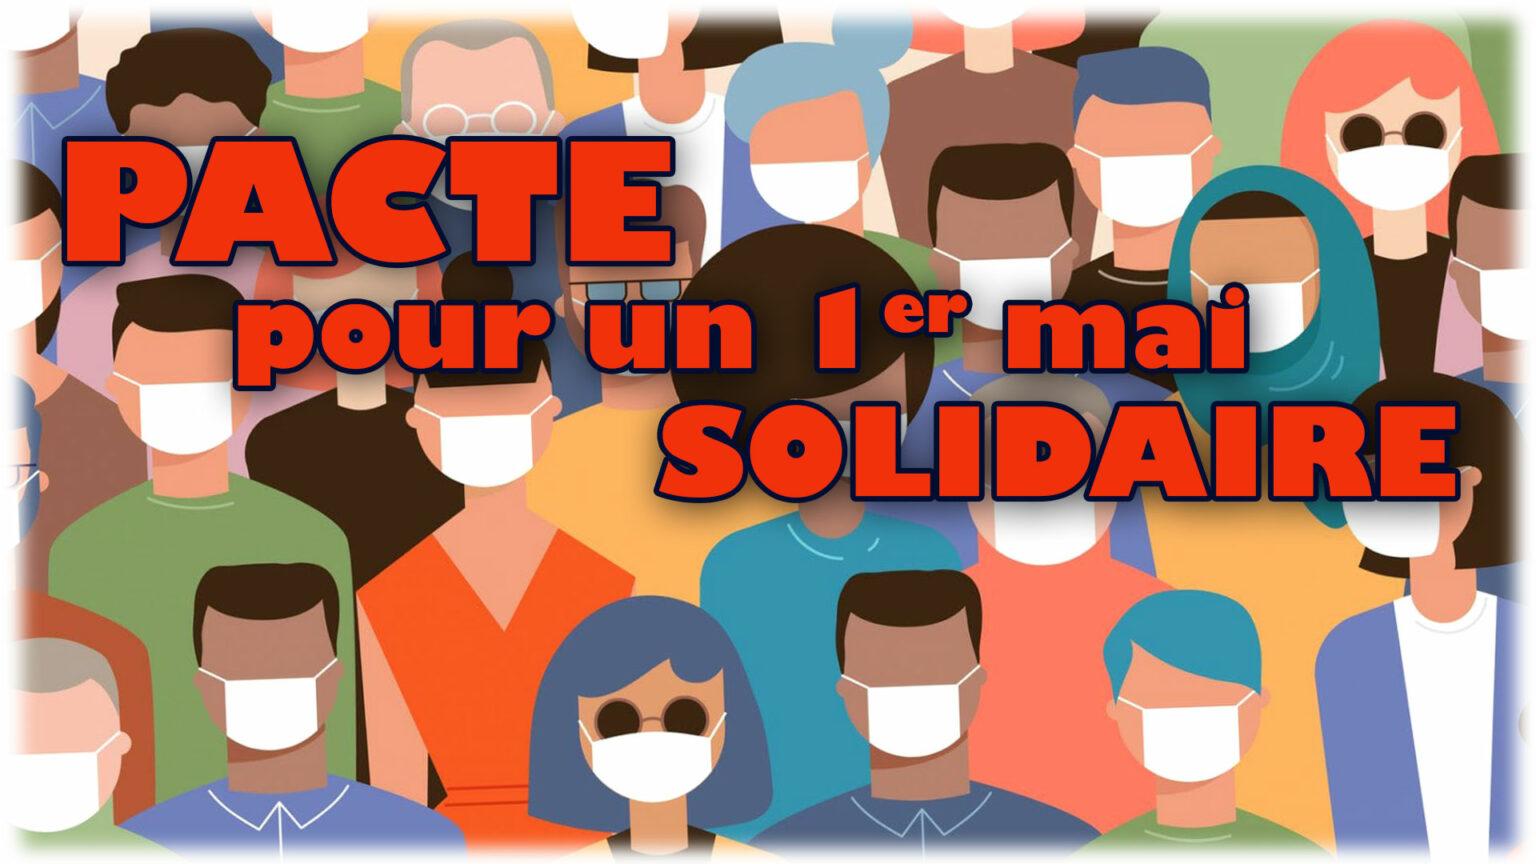 Pacte pour un 1er mai solidaire